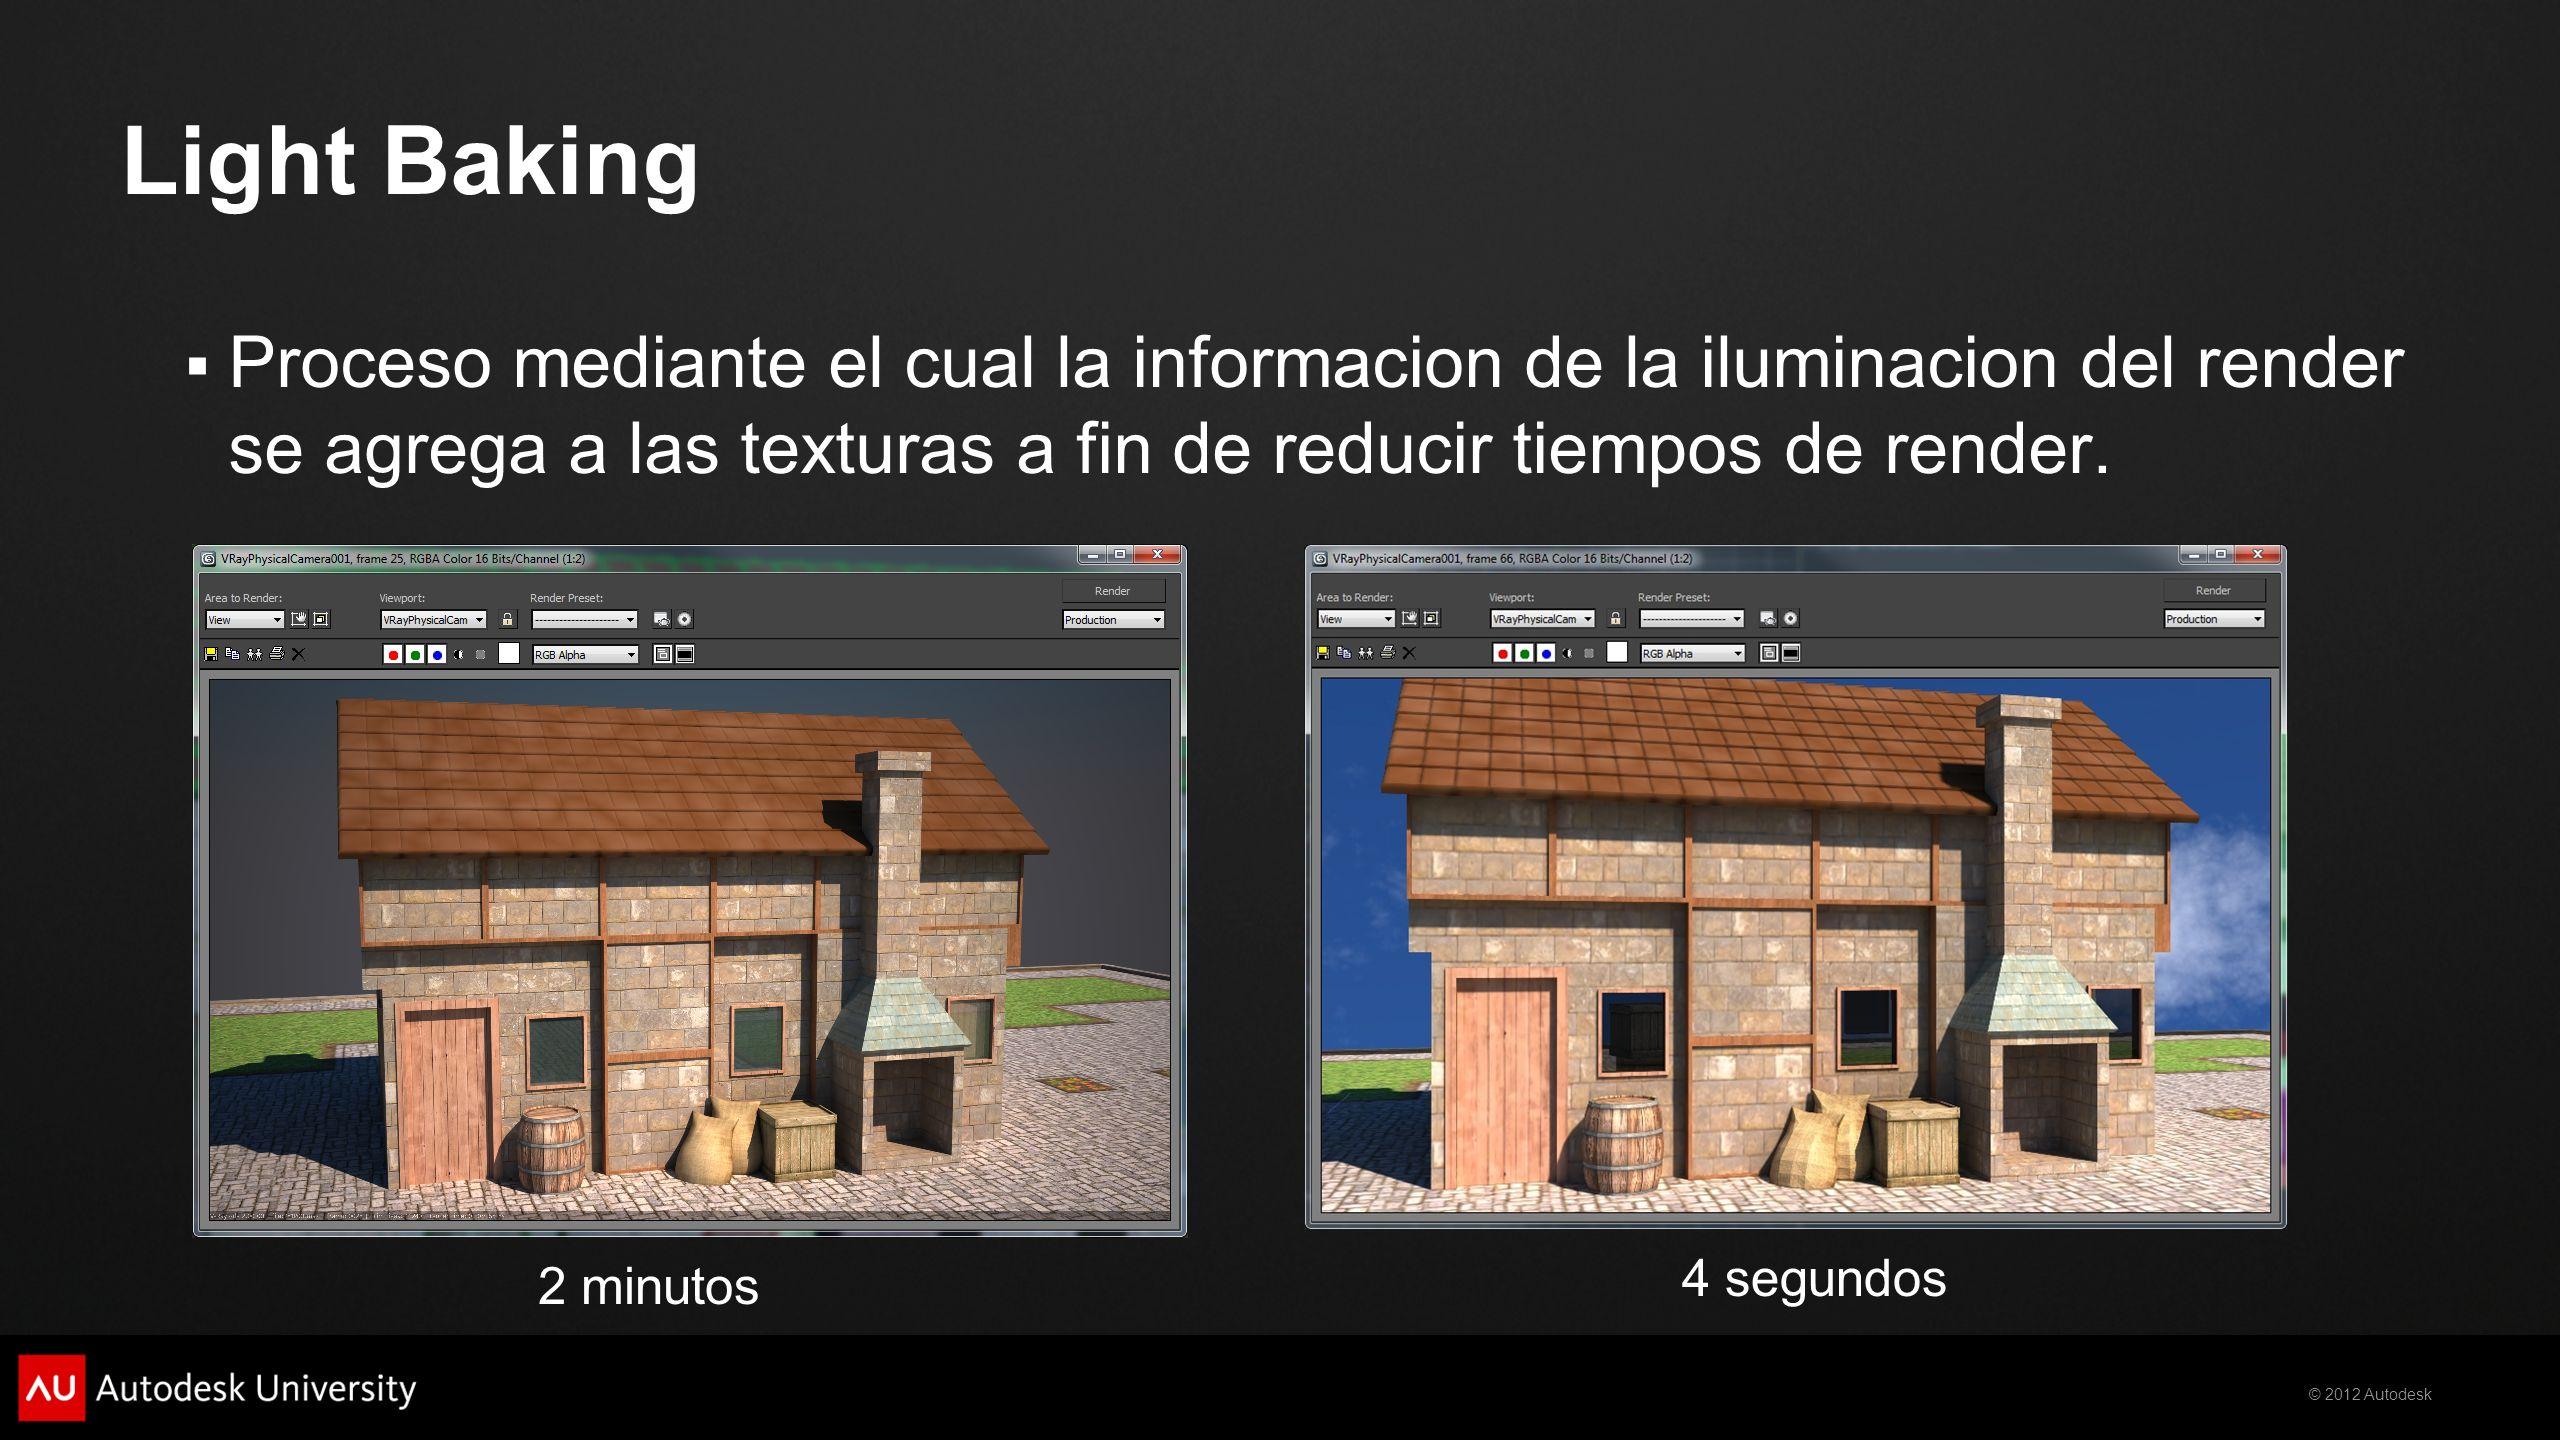 Light Baking Proceso mediante el cual la informacion de la iluminacion del render se agrega a las texturas a fin de reducir tiempos de render.